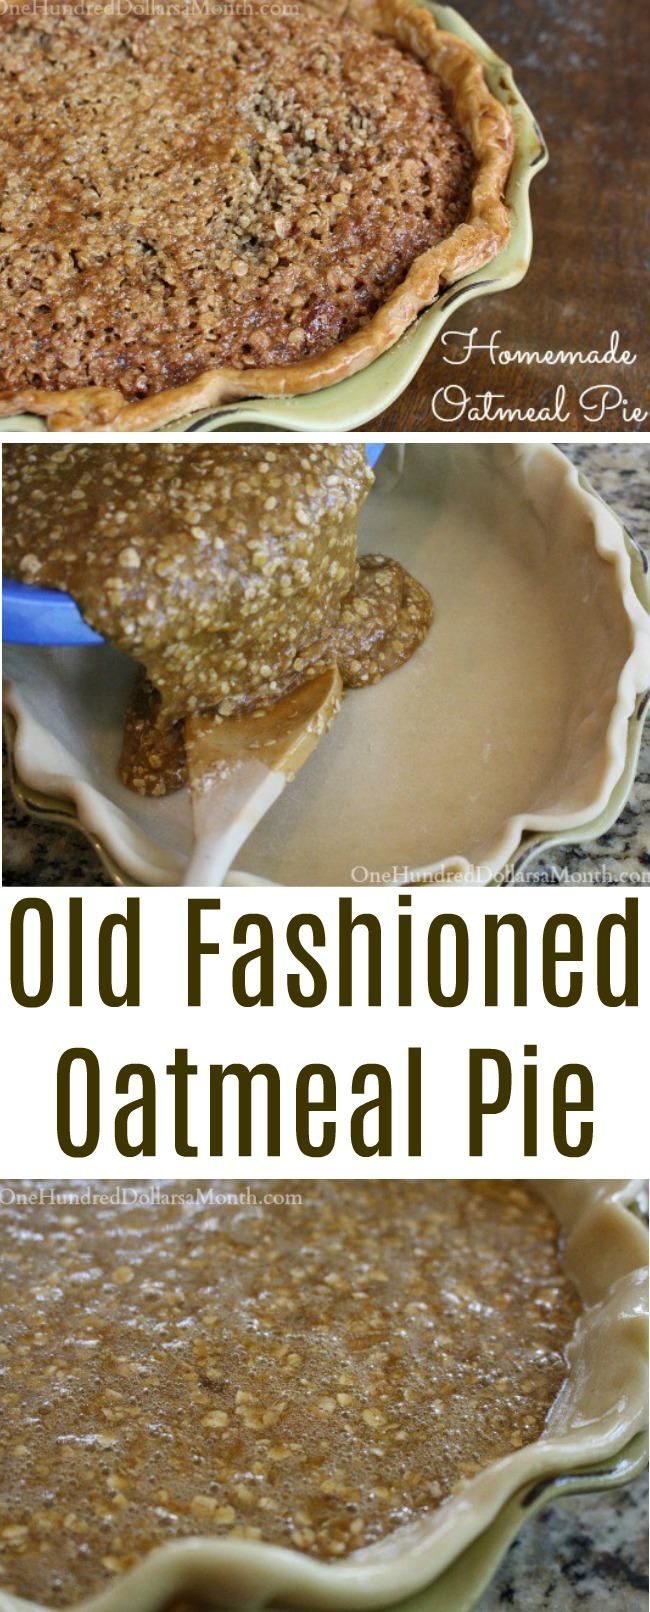 Homemade Oatmeal Pie